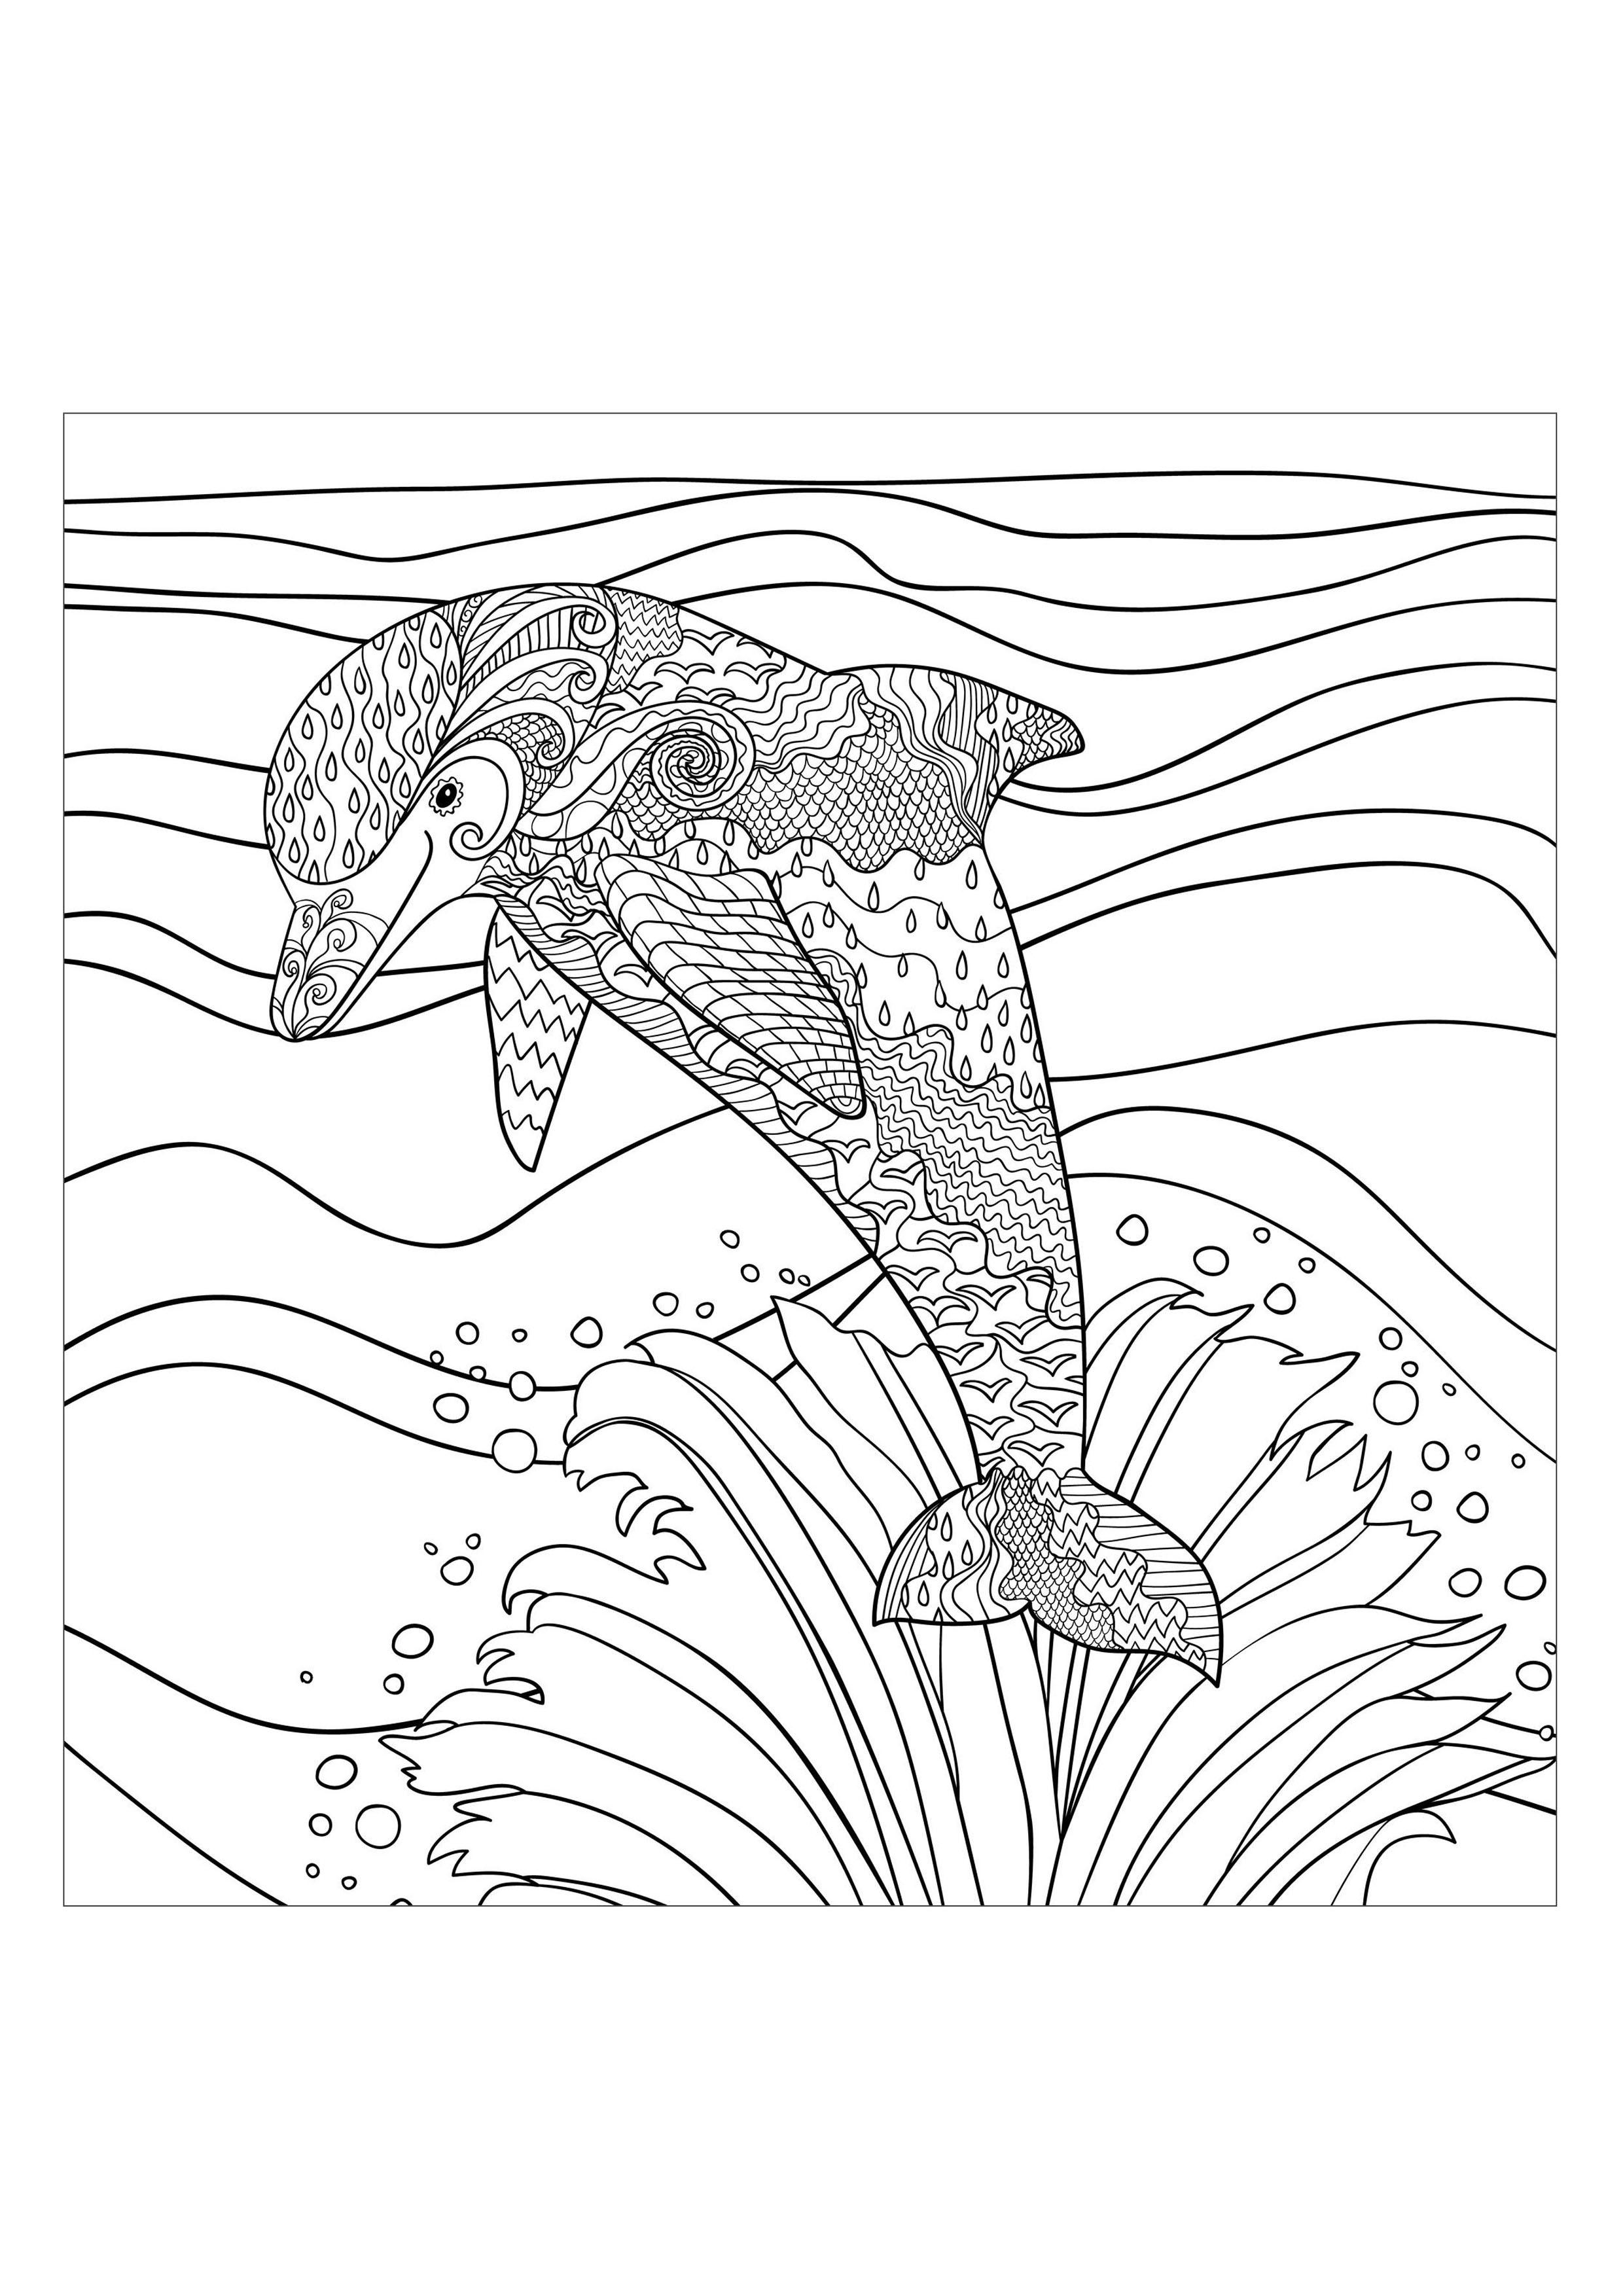 Colorear para adultos : Mundos acuáticos - 17